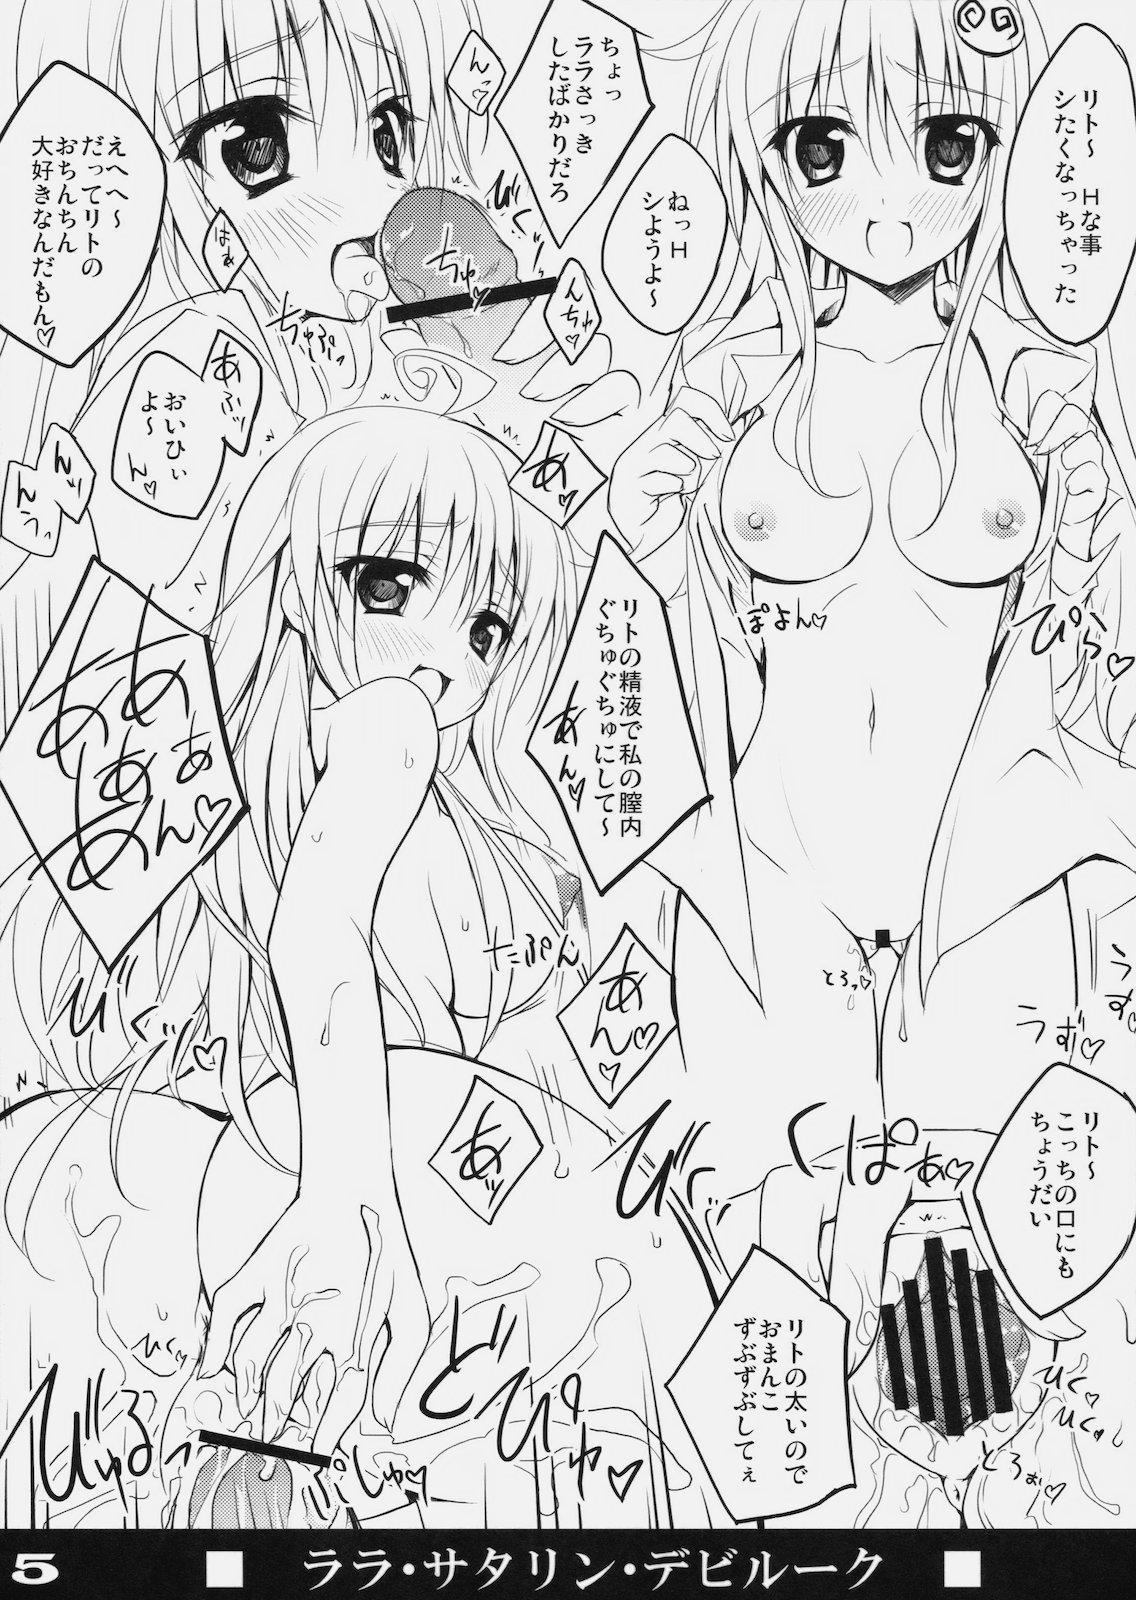 Ecchii no wa ○○ desu! 3